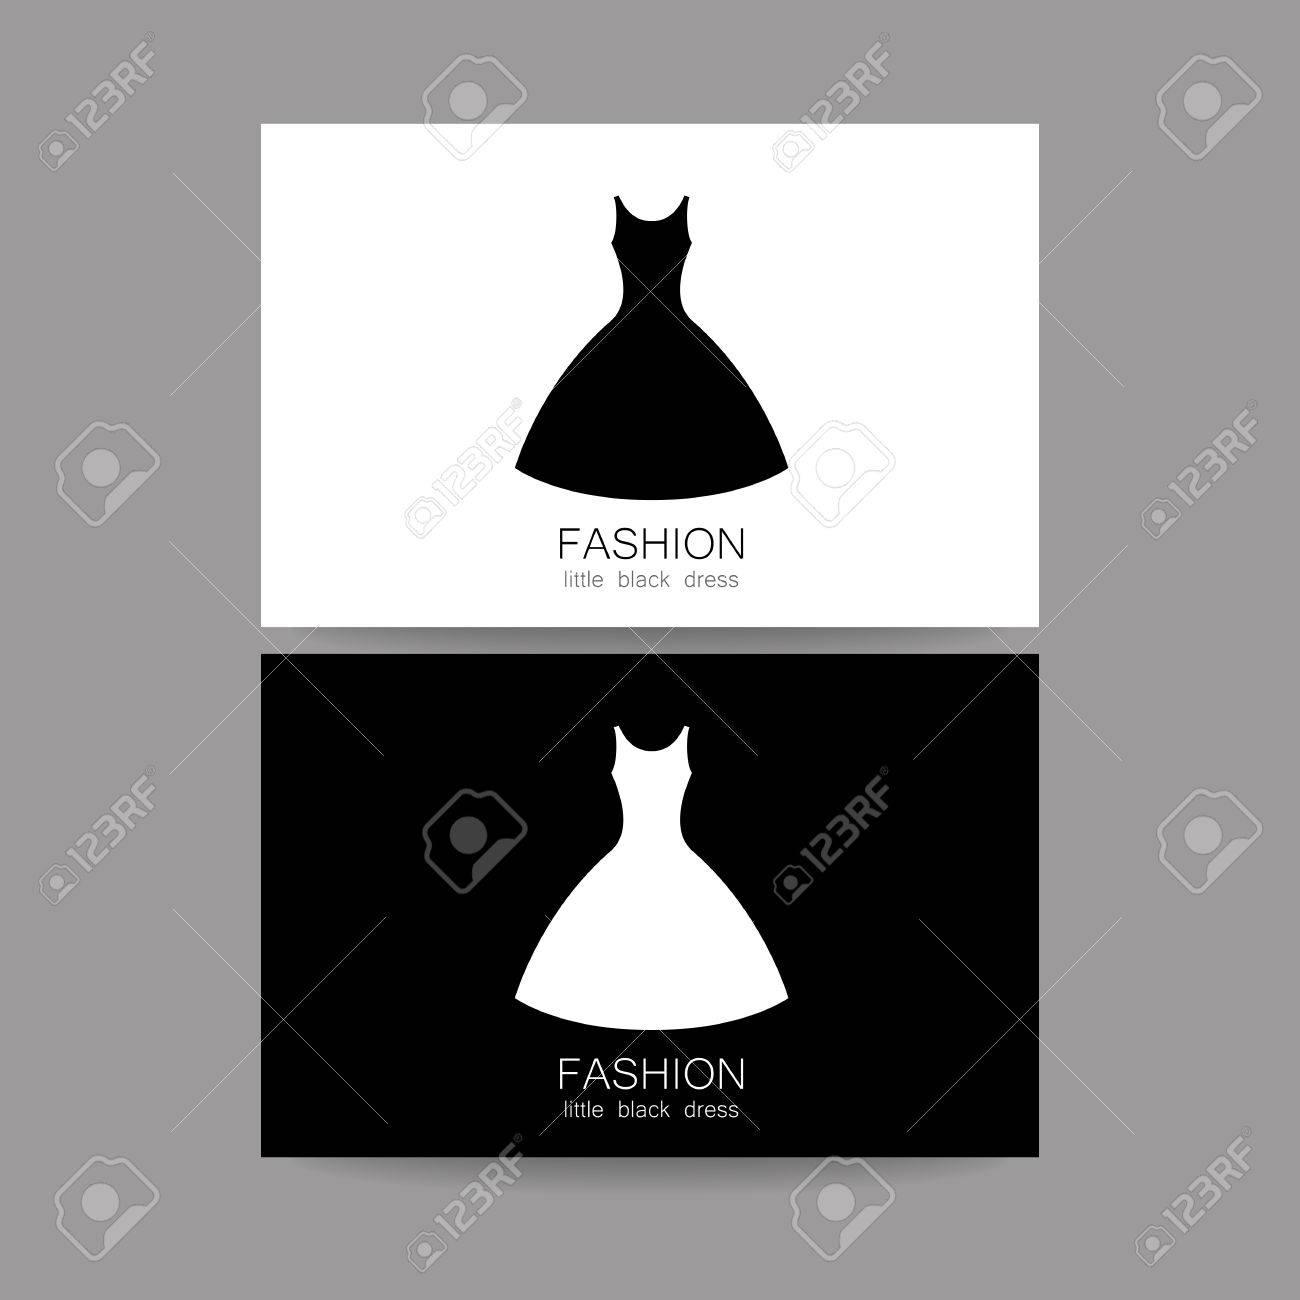 Concept Business Card Design For Fashion Shop, Boutique, Factory ...